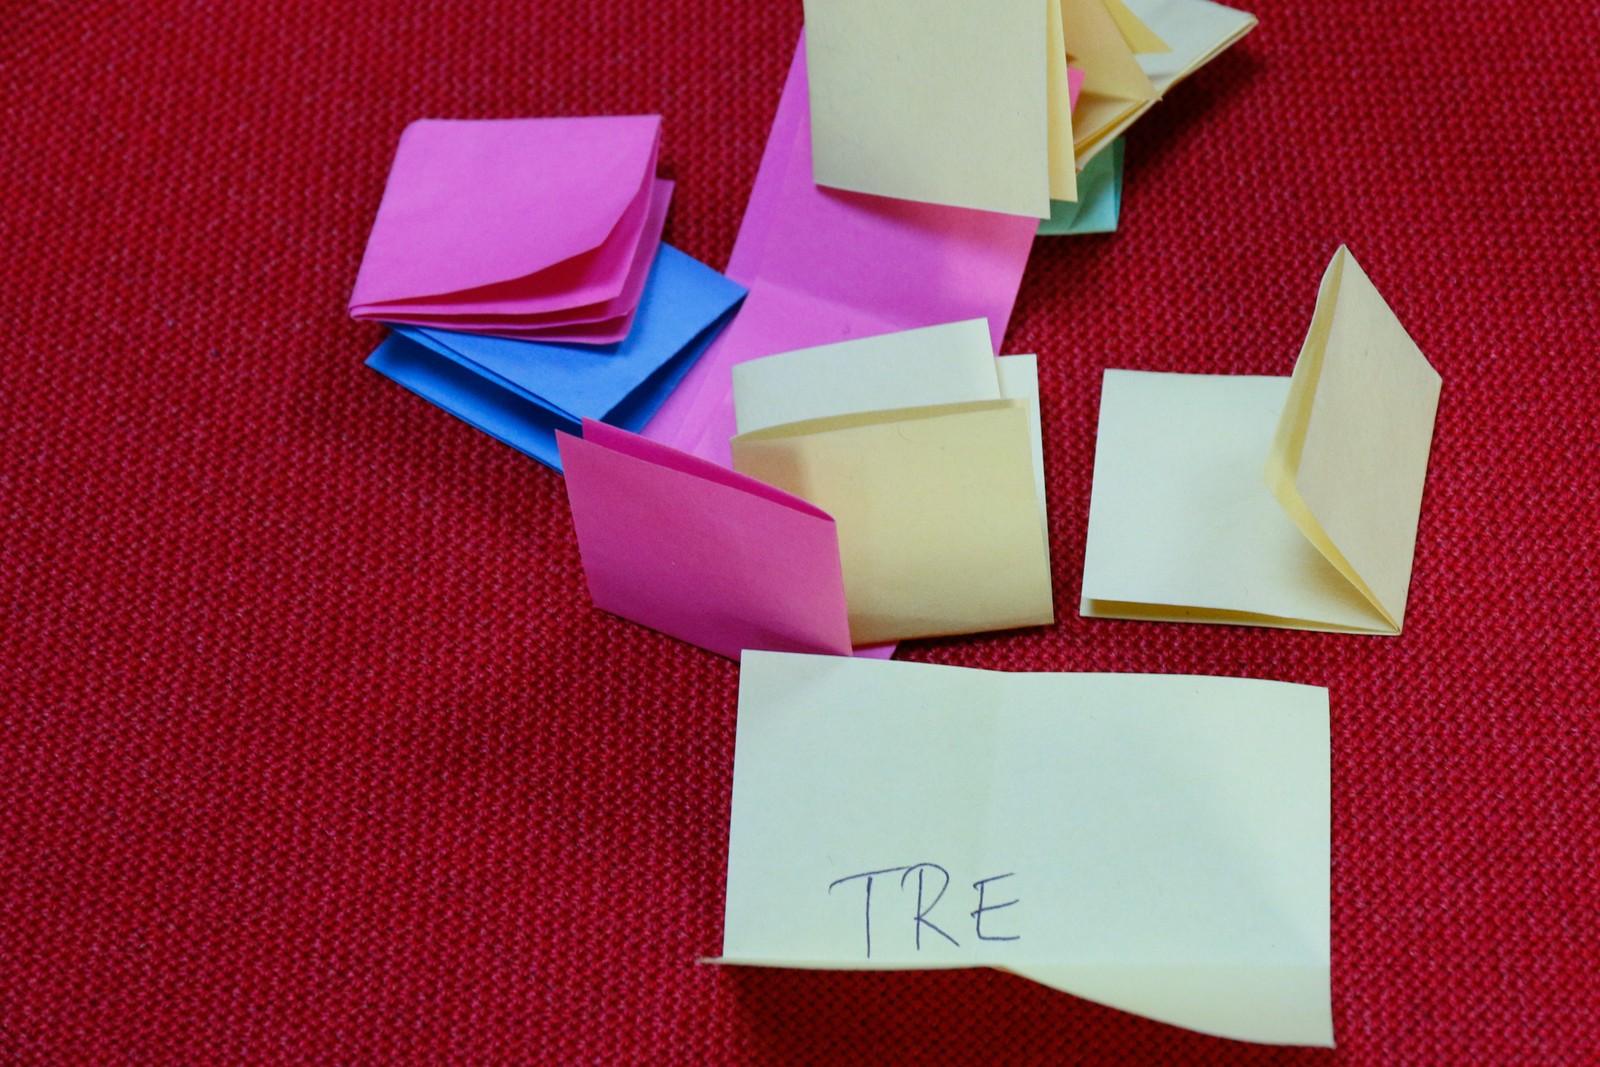 KREATIVITET: Hadde du klart å skrive ein låttekst basert på dette eine ordet?